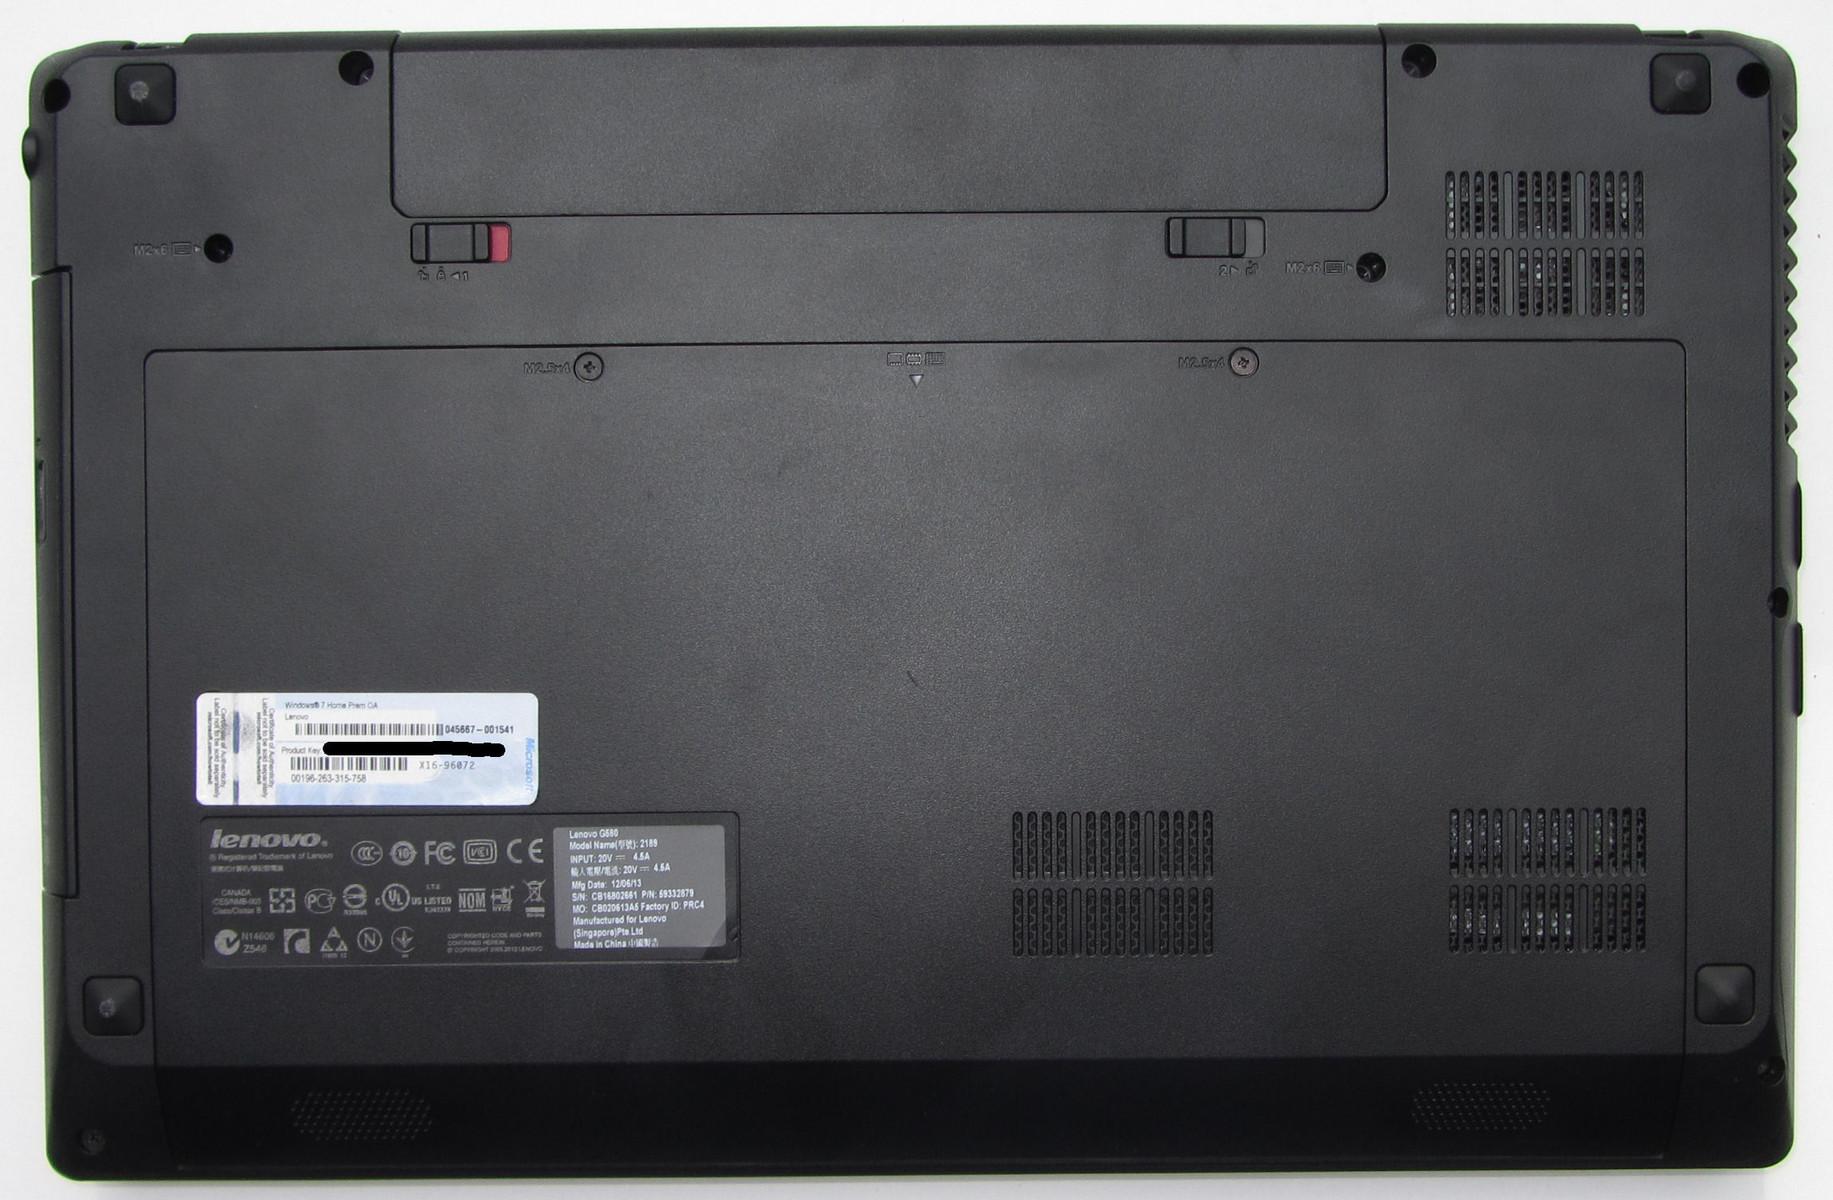 Ноутбук lenovo g580 инструкция